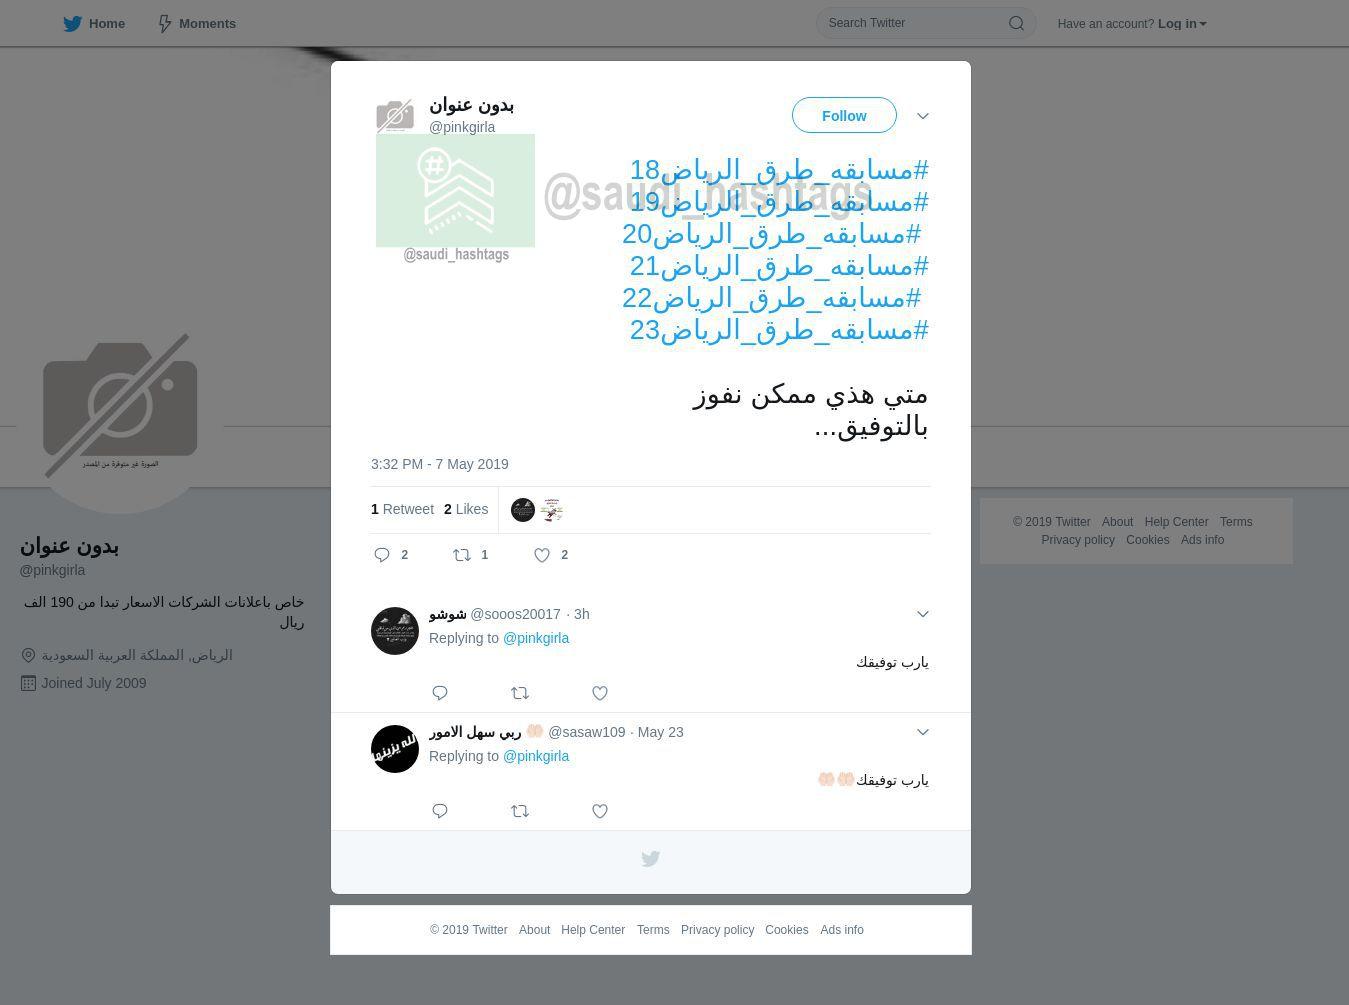 لقطة لاول تغريدة في هاشتاق #مسابقه_طرق_الرياض21